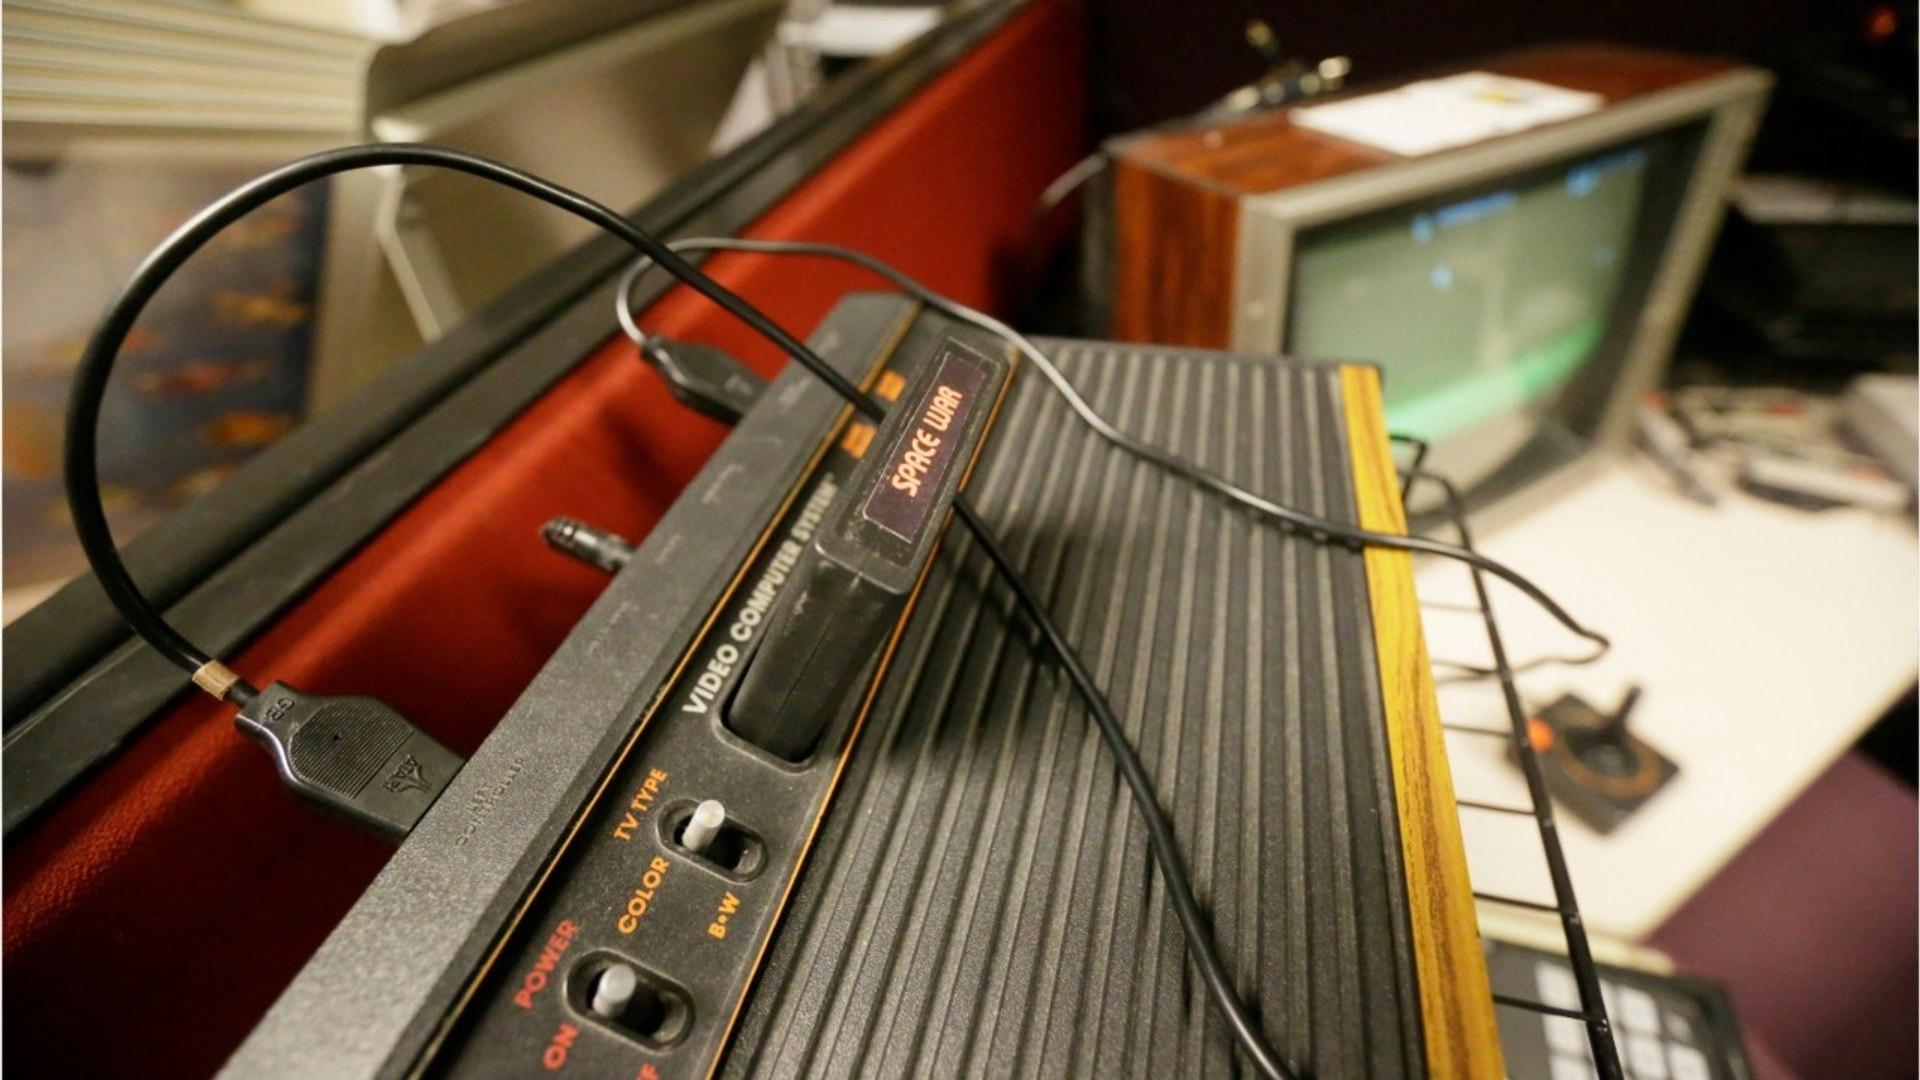 Atari CEO Confirms A New Console